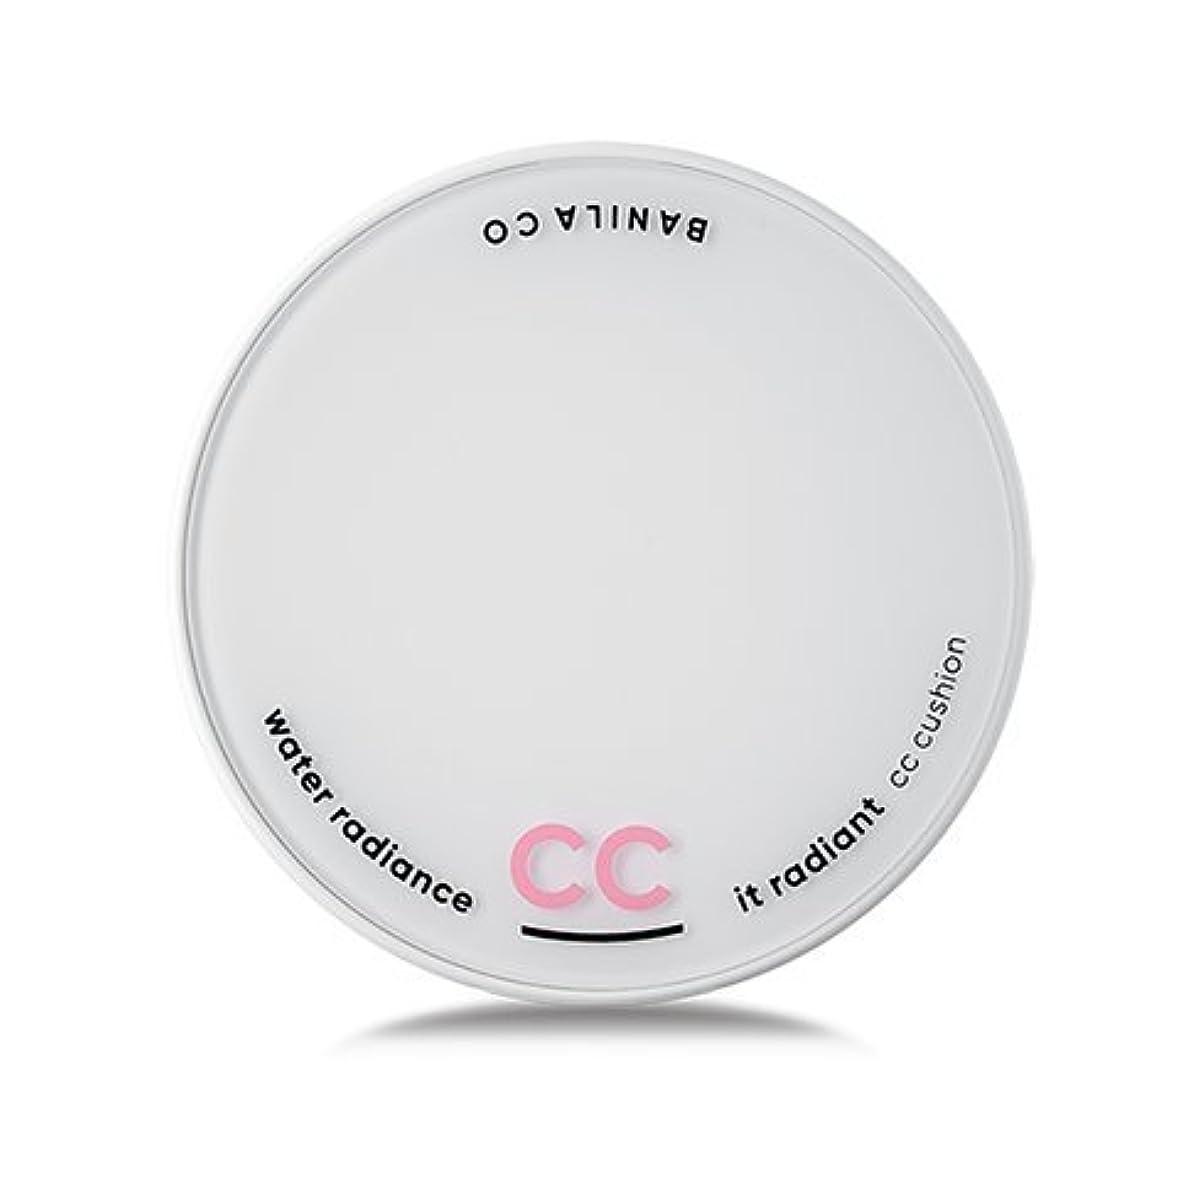 イライラする退却反逆[Renewal] BANILA CO It Radiant CC Cushion 15g + Refill 15g/バニラコ イット ラディアント CC クッション 15g + リフィル 15g (#Light Beige...